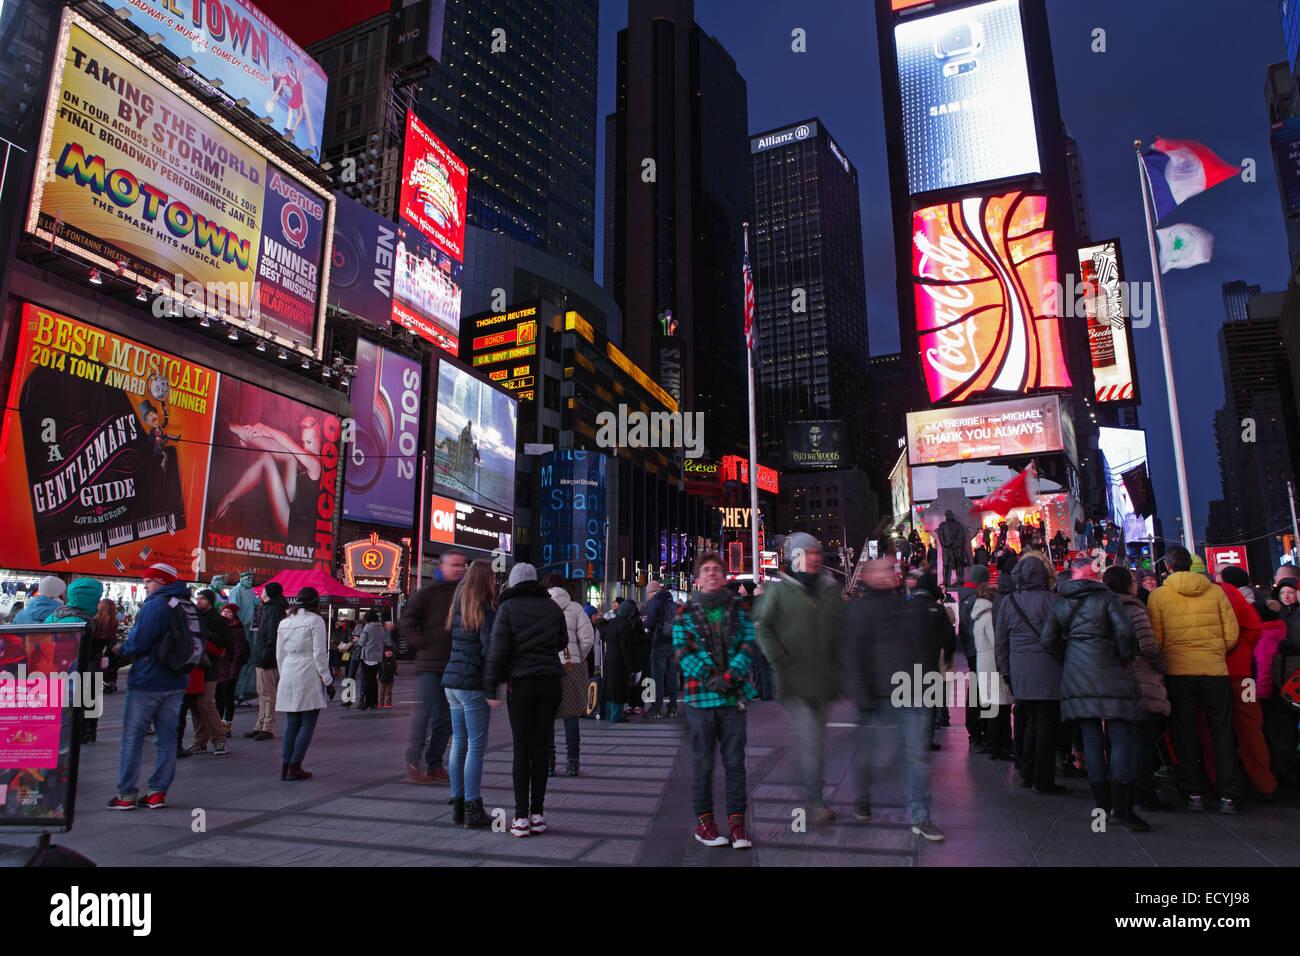 Les foules et les panneaux publicitaires de Times Square New York evening longue exposition de flou Photo Stock